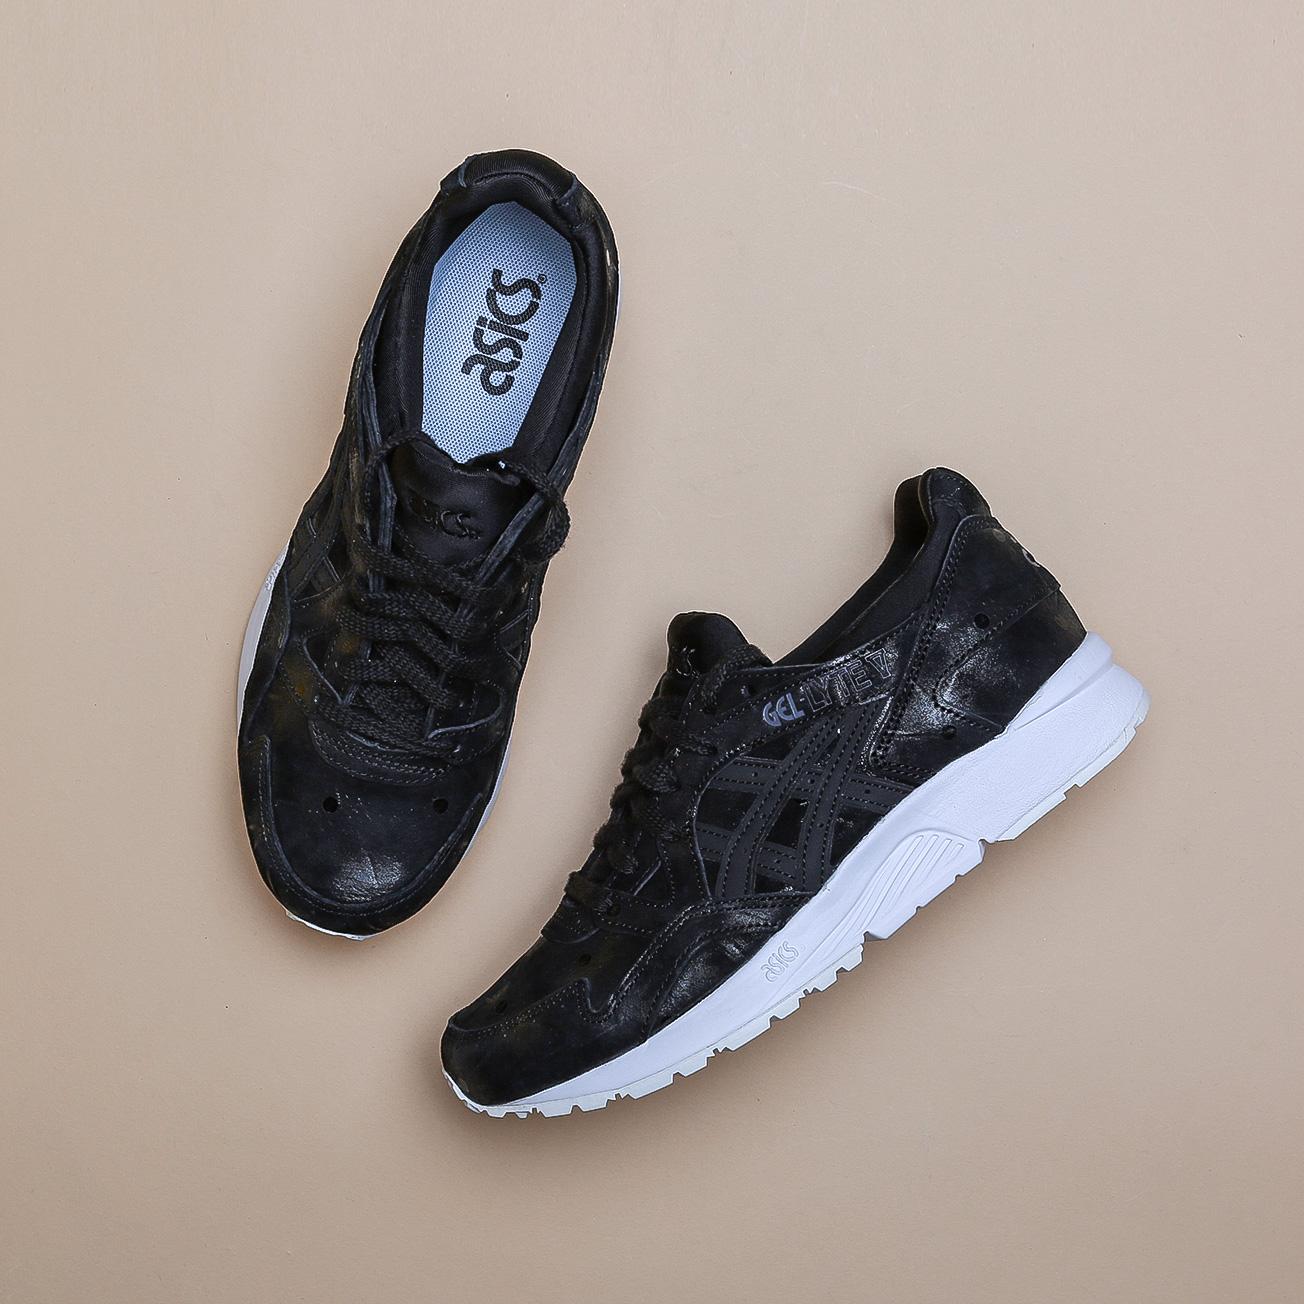 Купить товары ASICS (Асикс) по цене от 2990 рублей с доставкой по Москве и  России в интернет-магазине Sneakerhead a664566551e